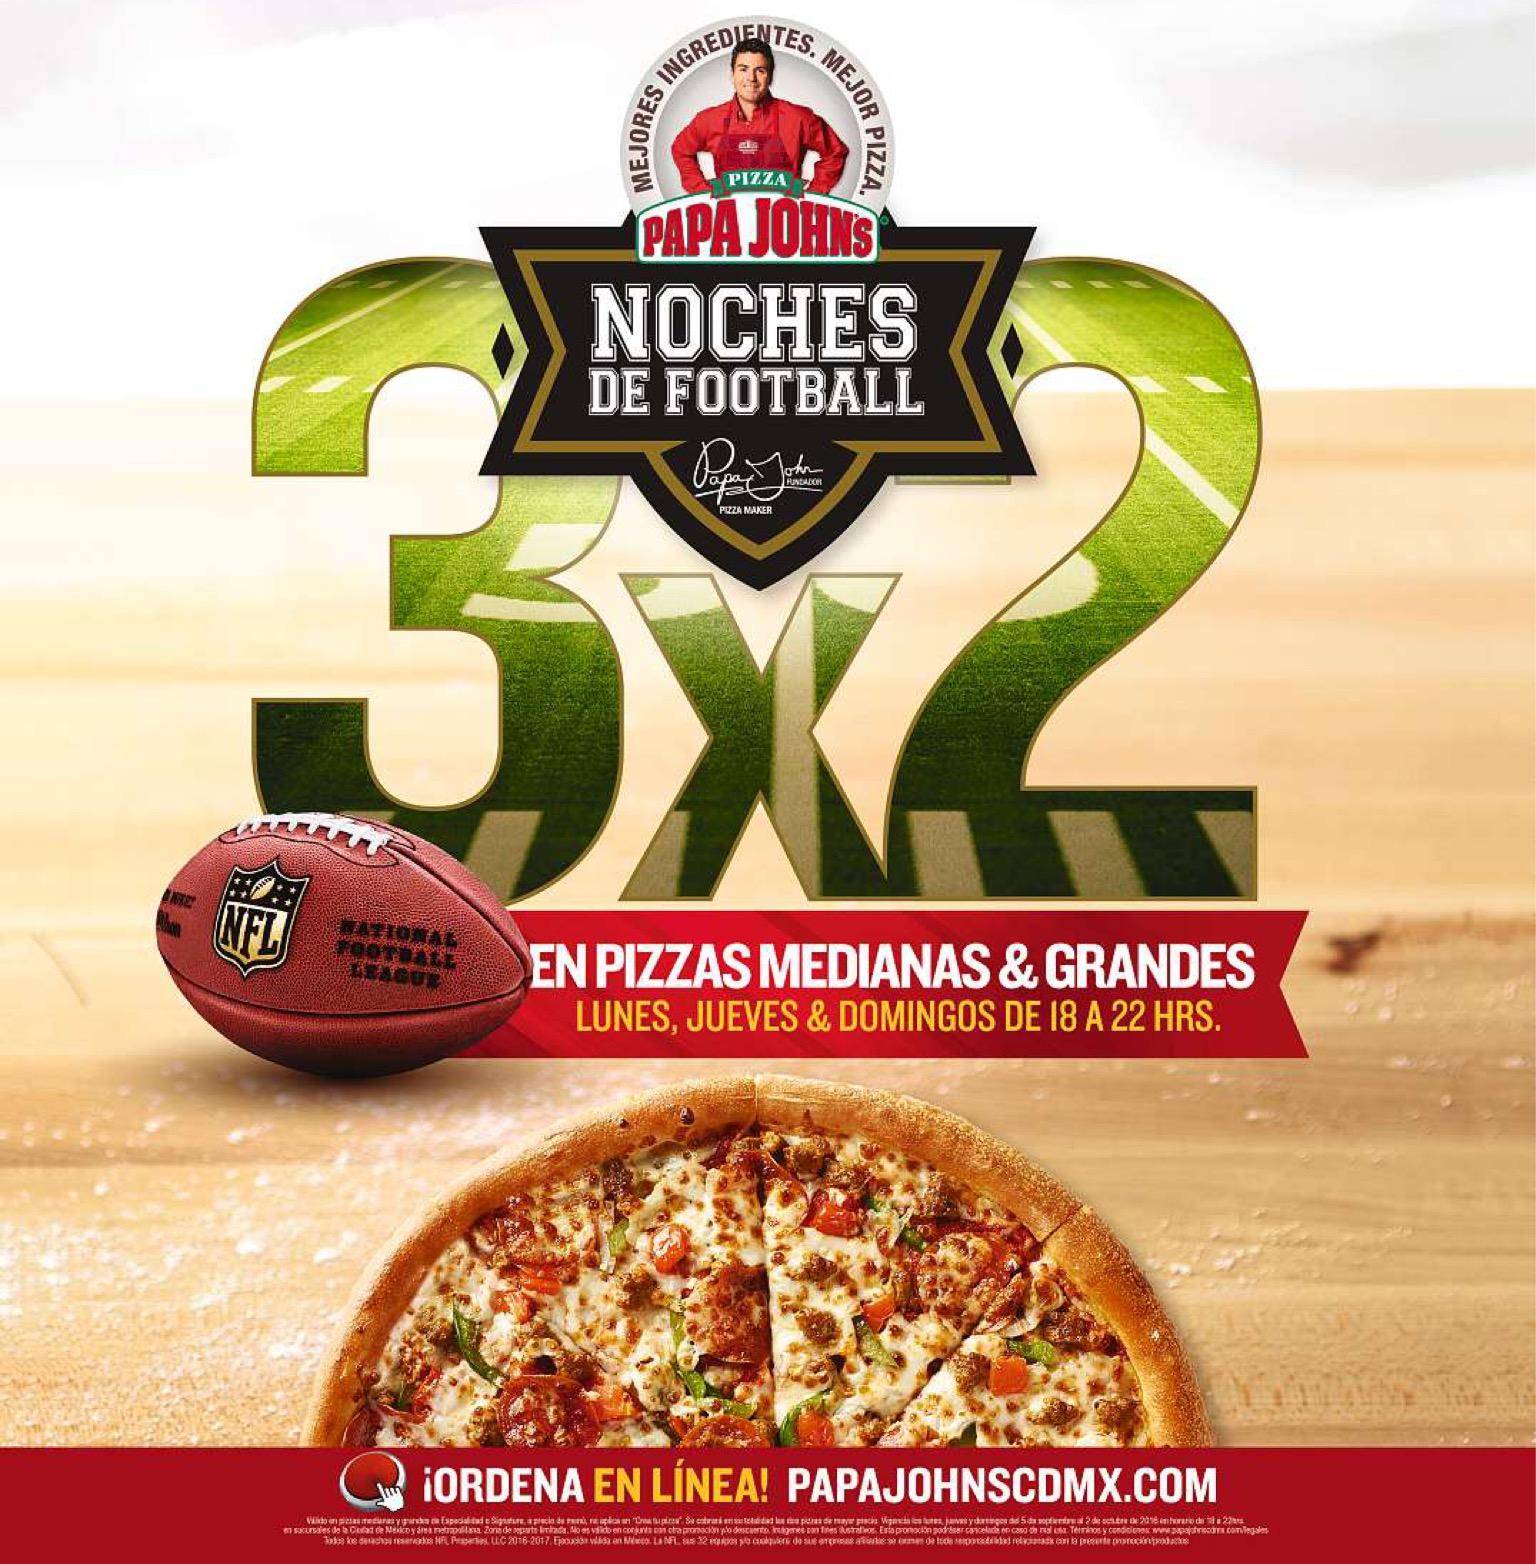 Papa John's noches de football: 3x2 en pizzas jueves, domingos y lunes